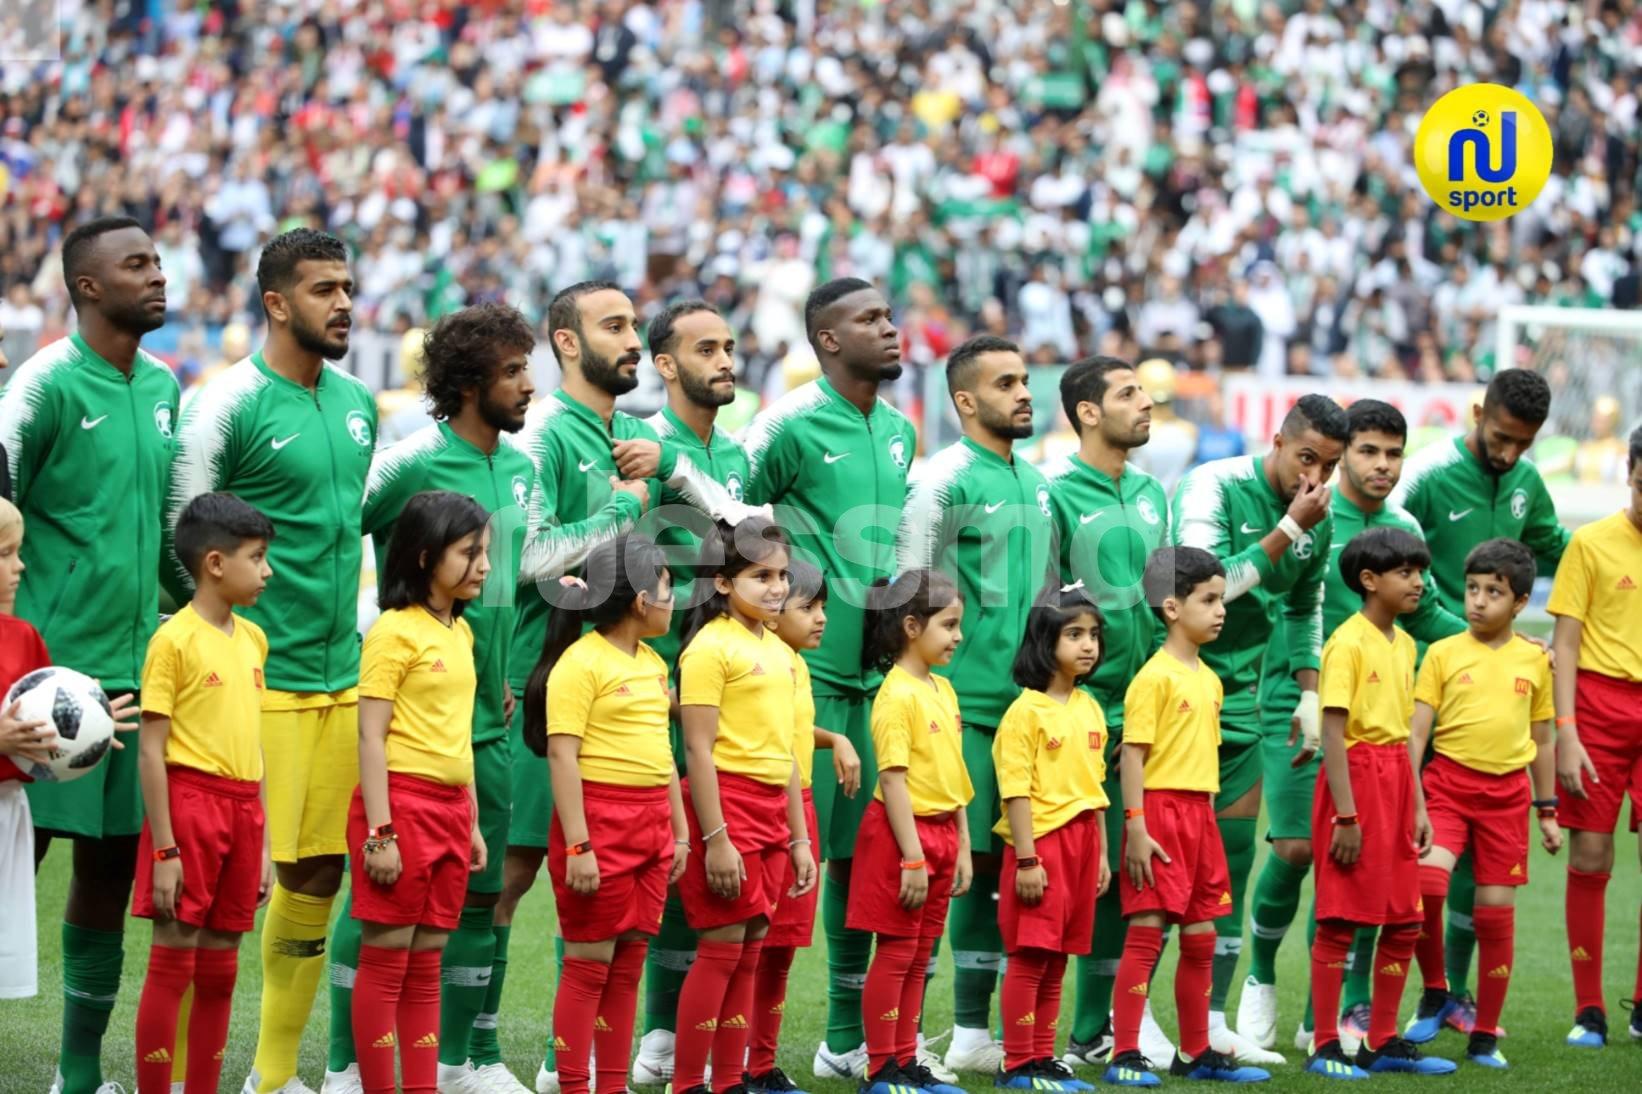 صور مباراة المنتخبين الروسي والسعودي